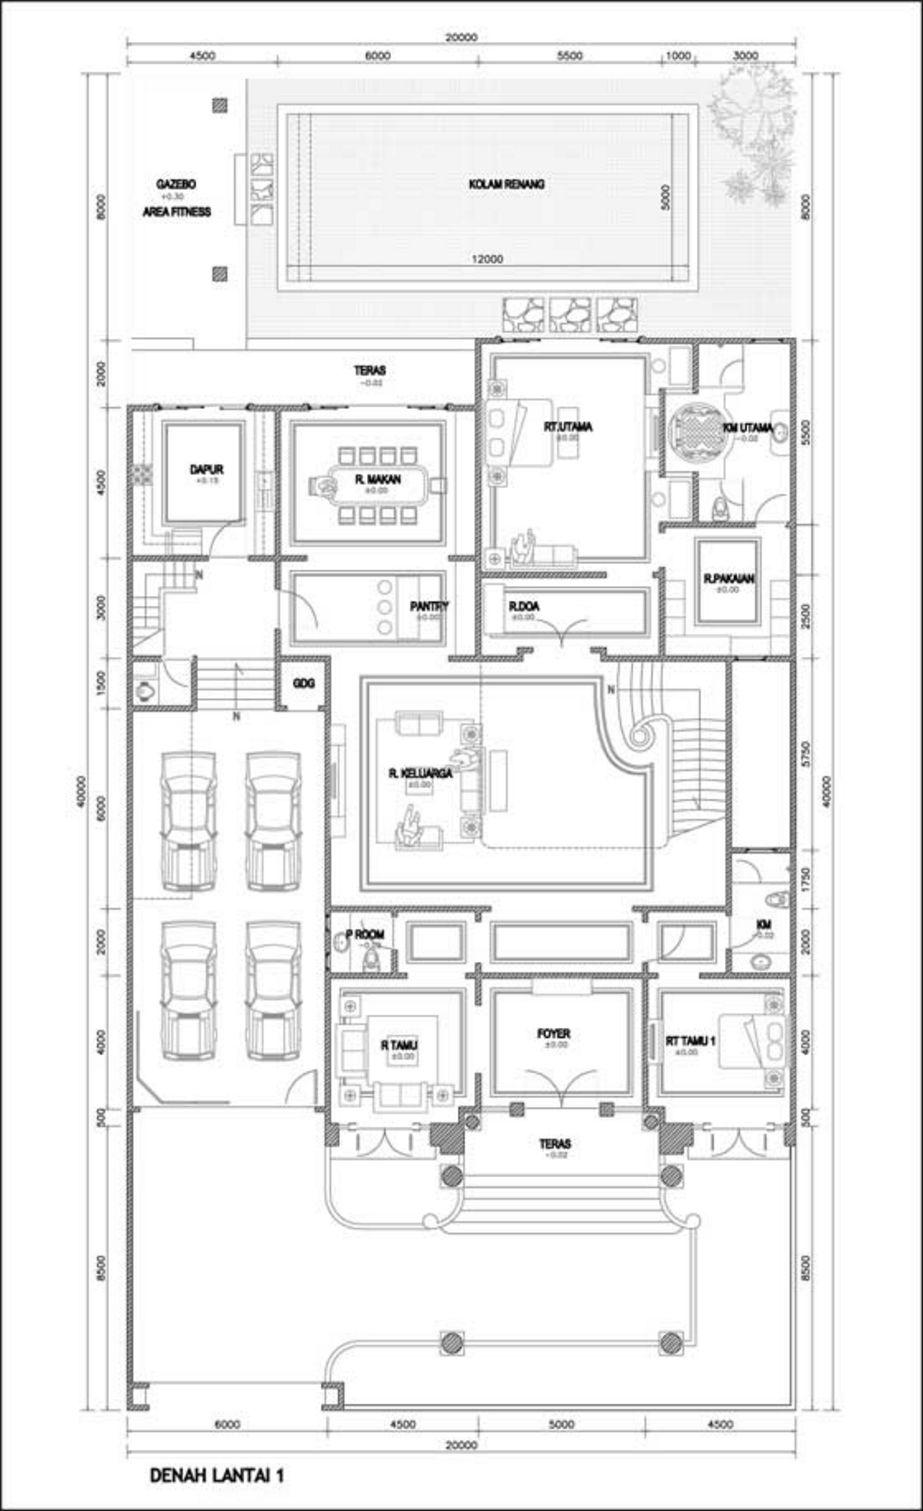 desain denah mewah 2 lantai yang menarik